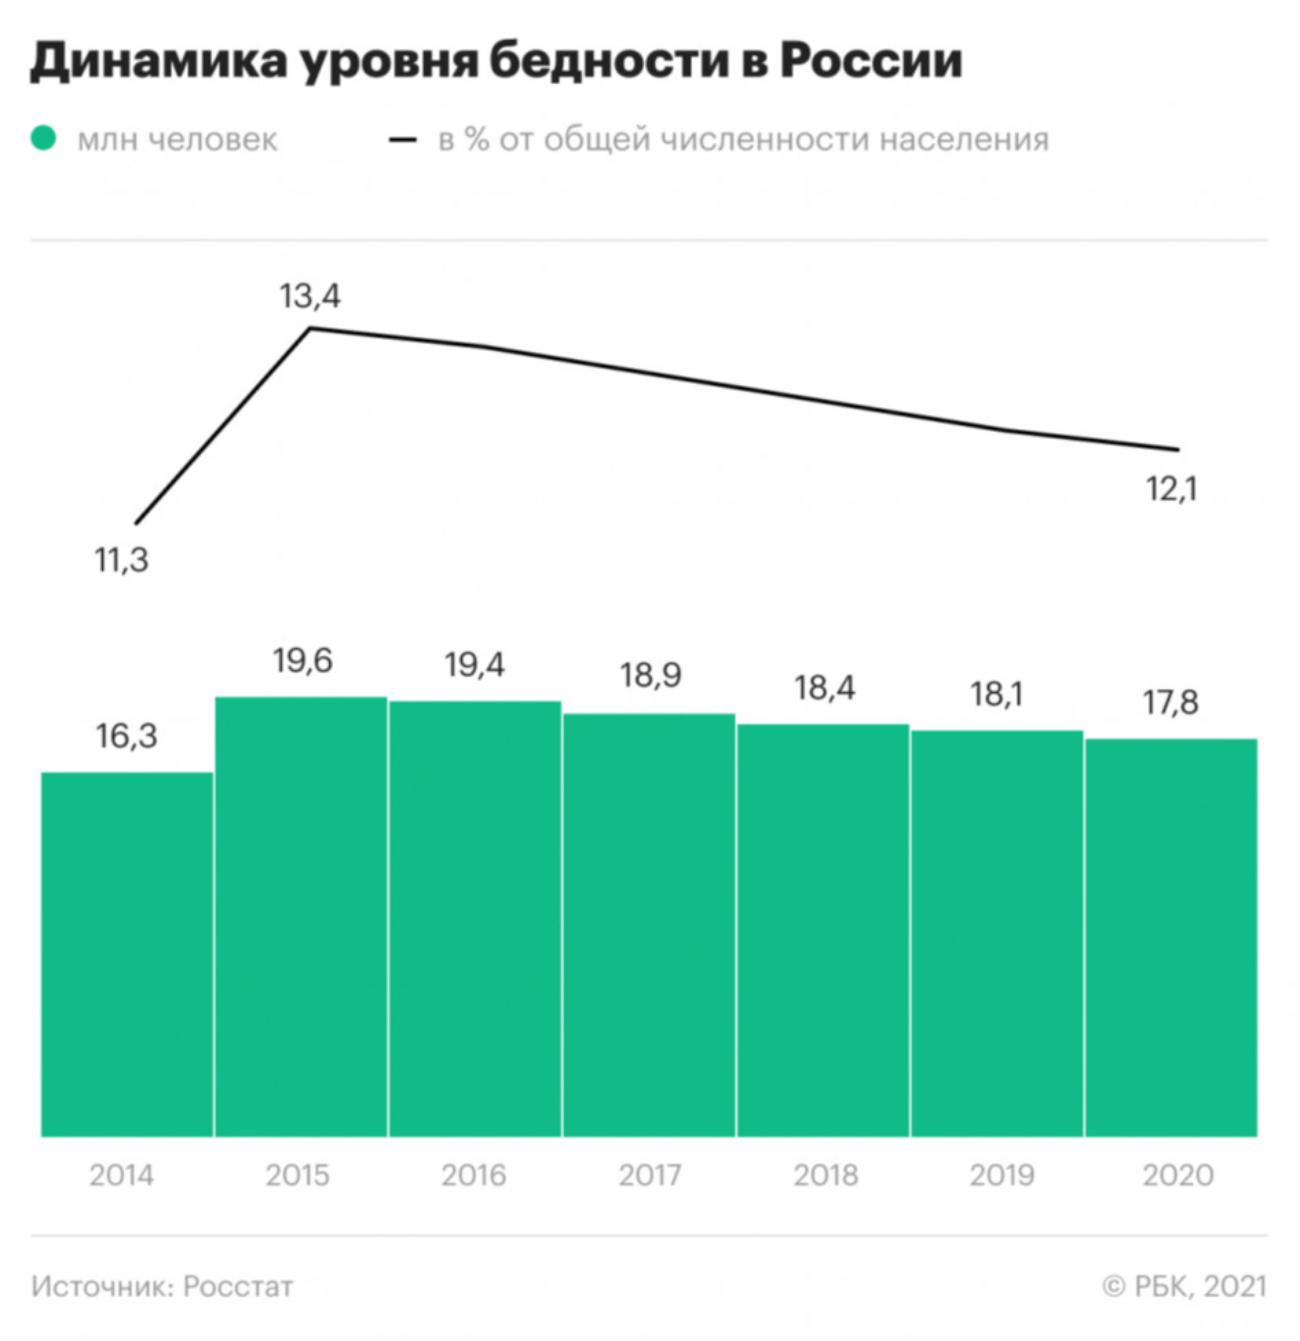 Росстат: уровень бедности в России сократился до минимального с 2014 года  12,1% от населения страны